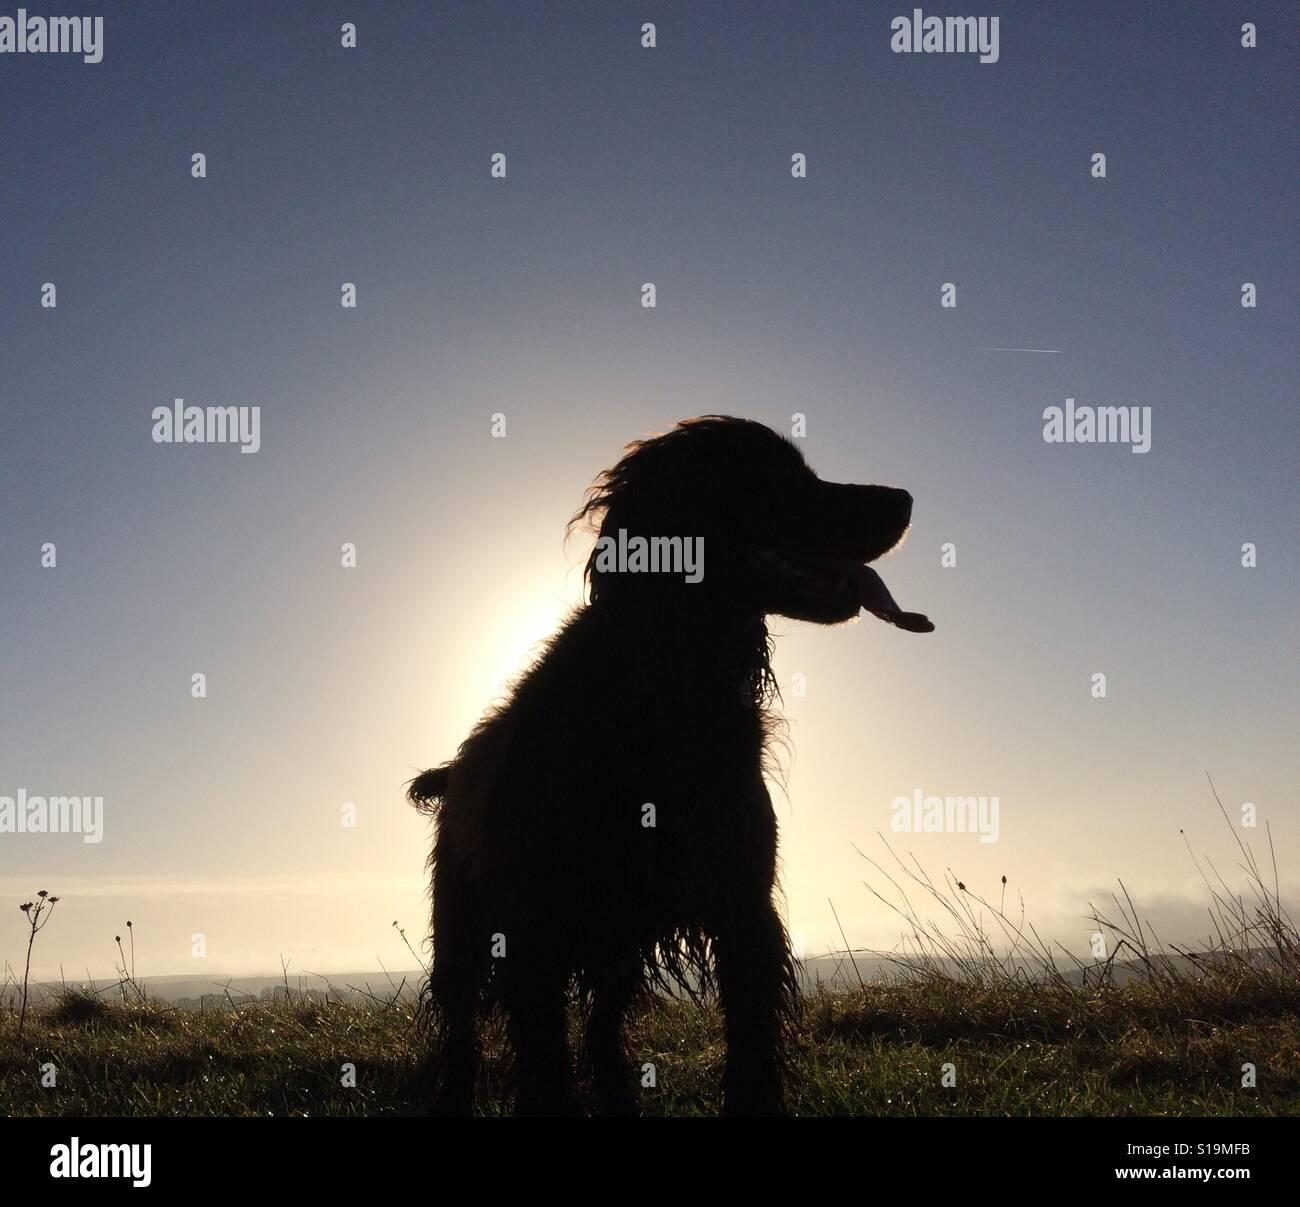 Silueta de un pequeño spaniel perro jadeando en frente de una baja sun Foto de stock